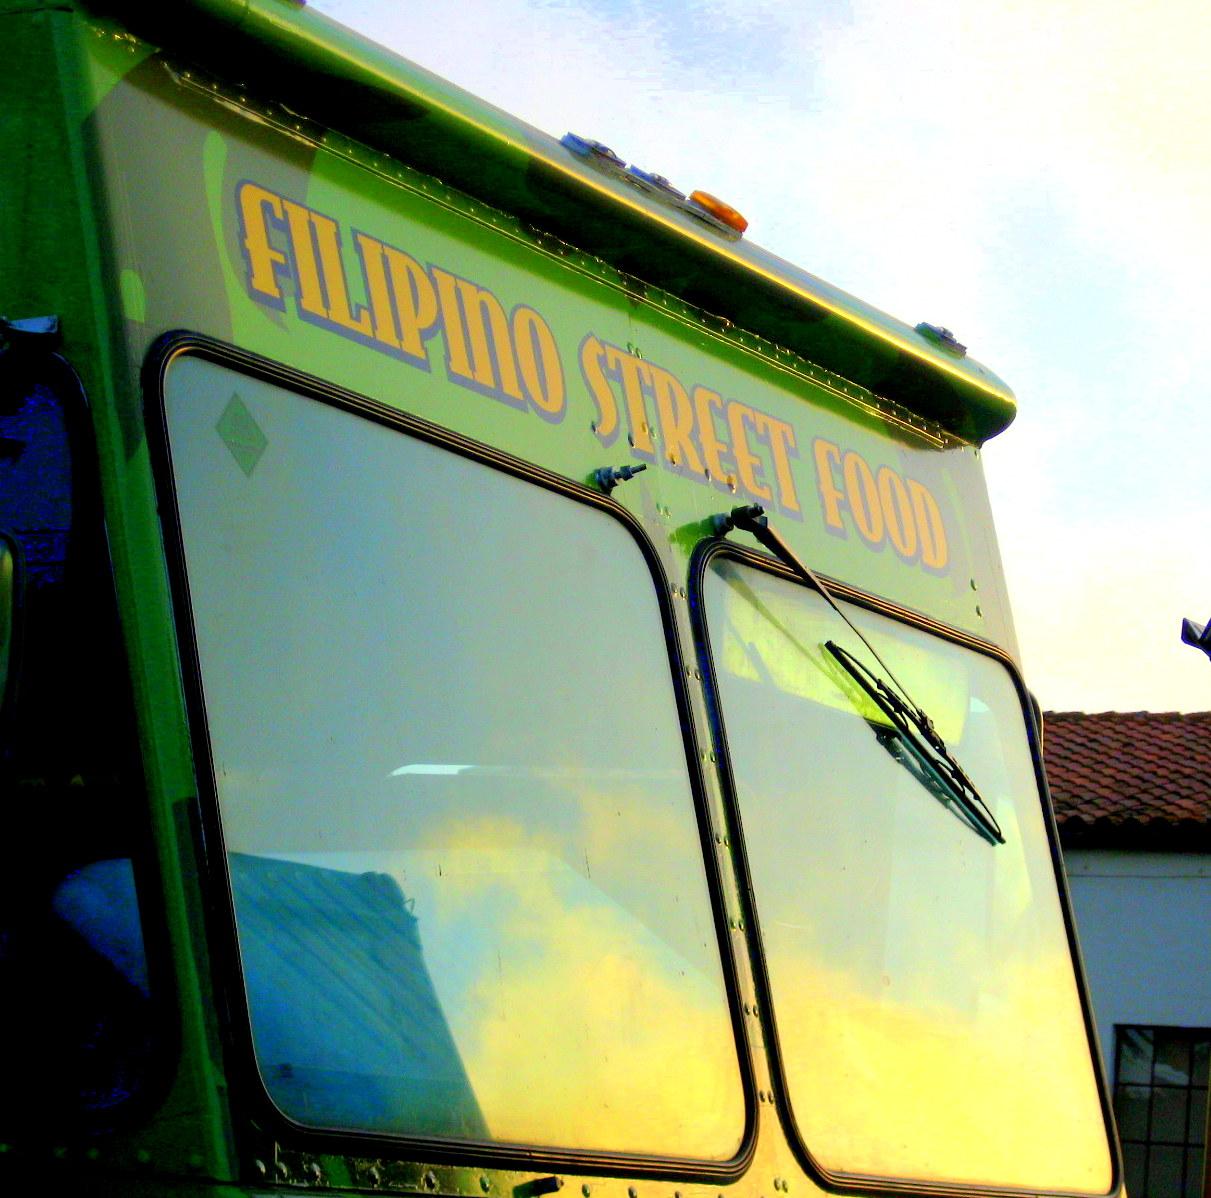 Food Truck Saturday In Sfo